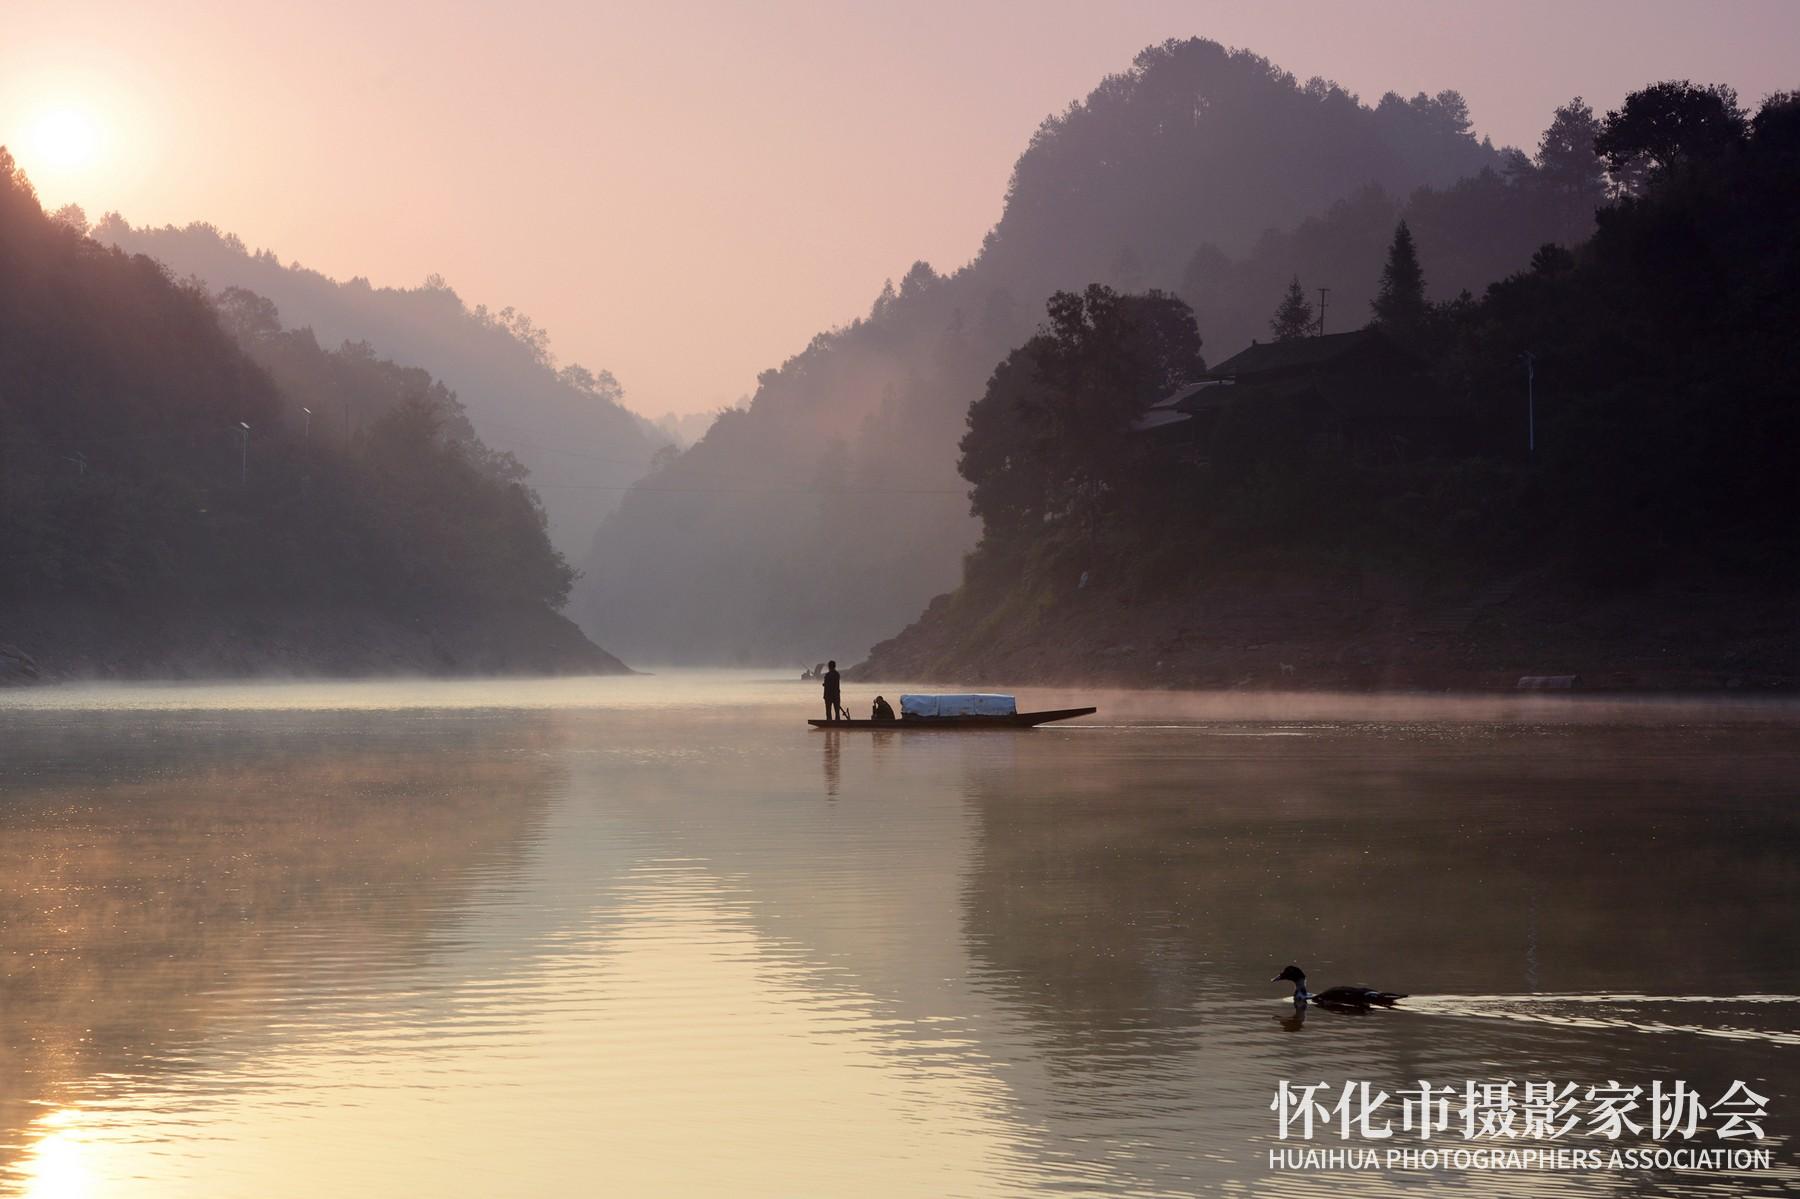 《怀化的竹林湖》米建华